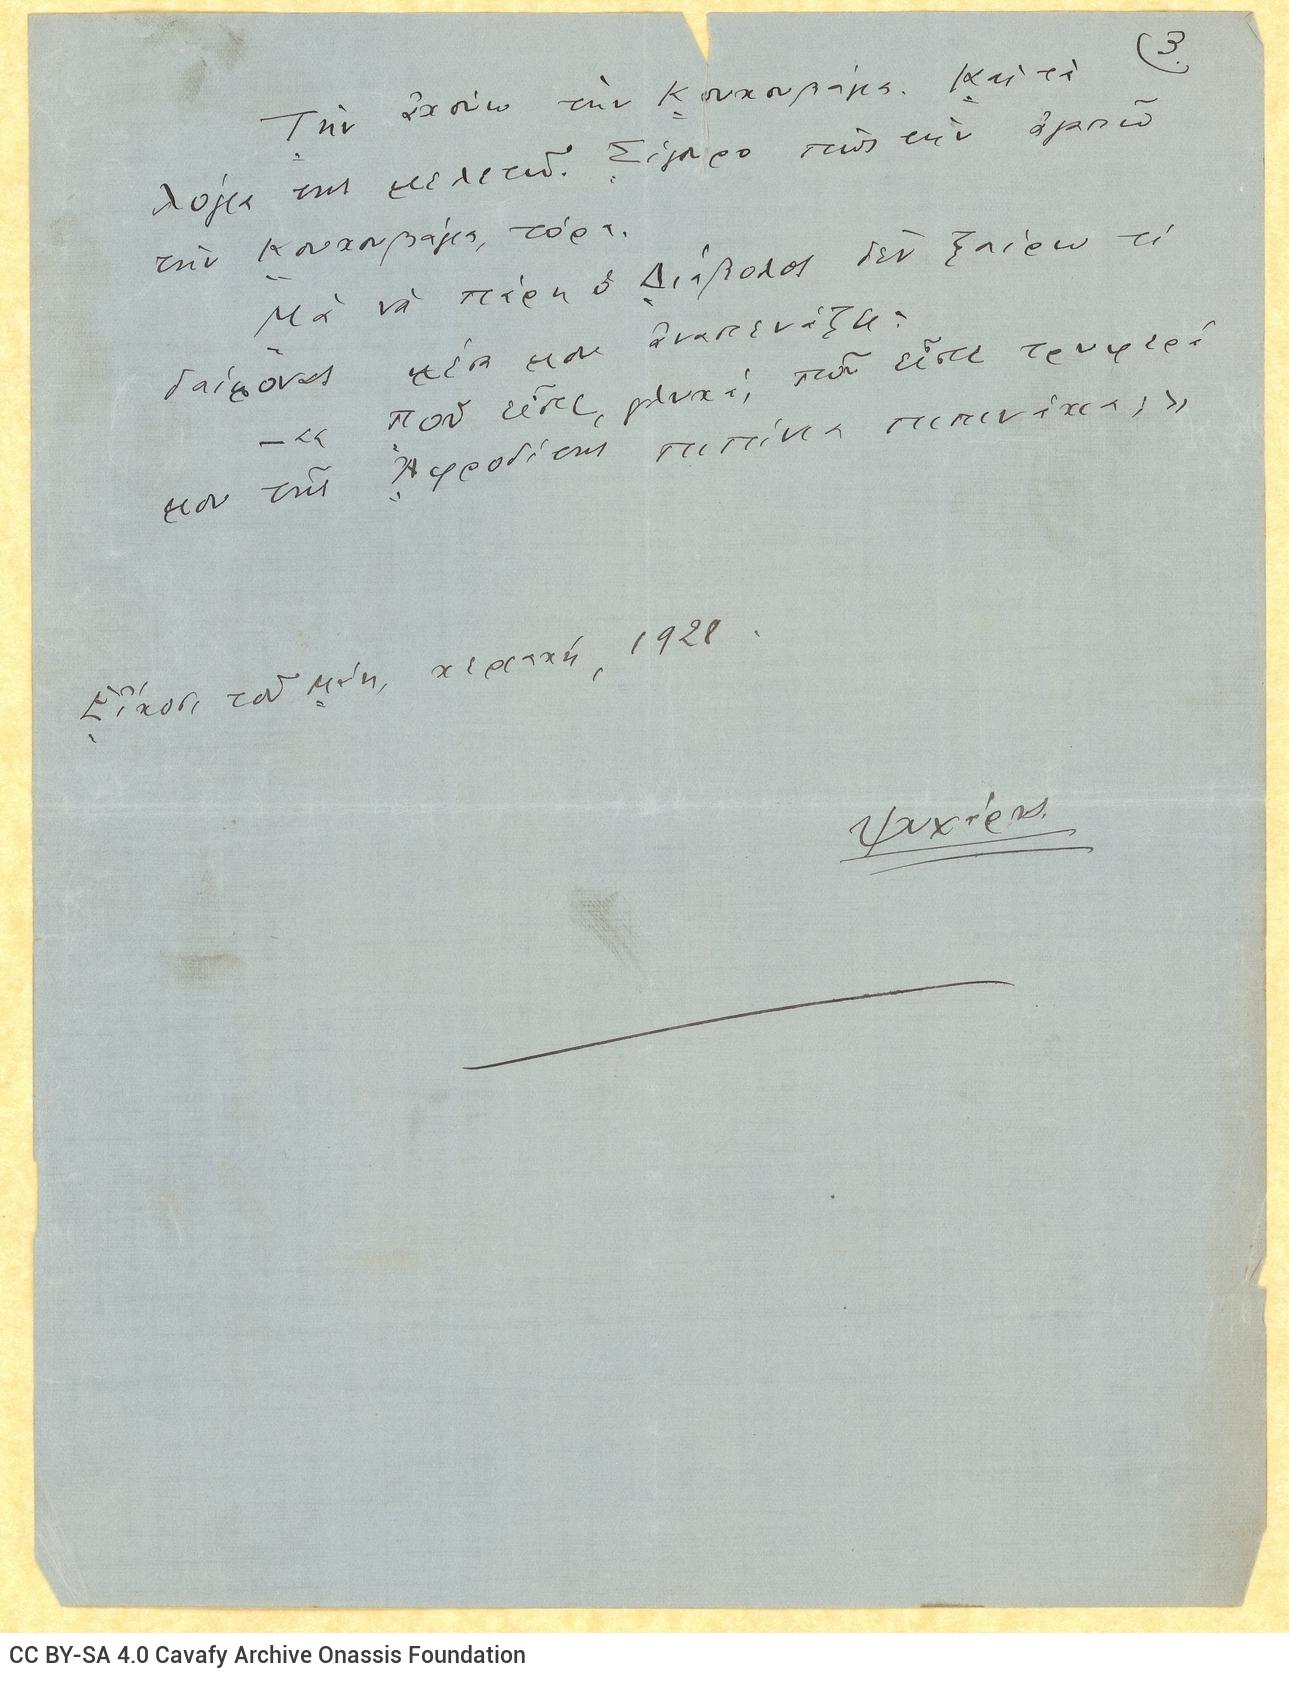 Χειρόγραφο κείμενο του Ψυχάρη στη μία όψη τριών αριθμημένων φύλλων.